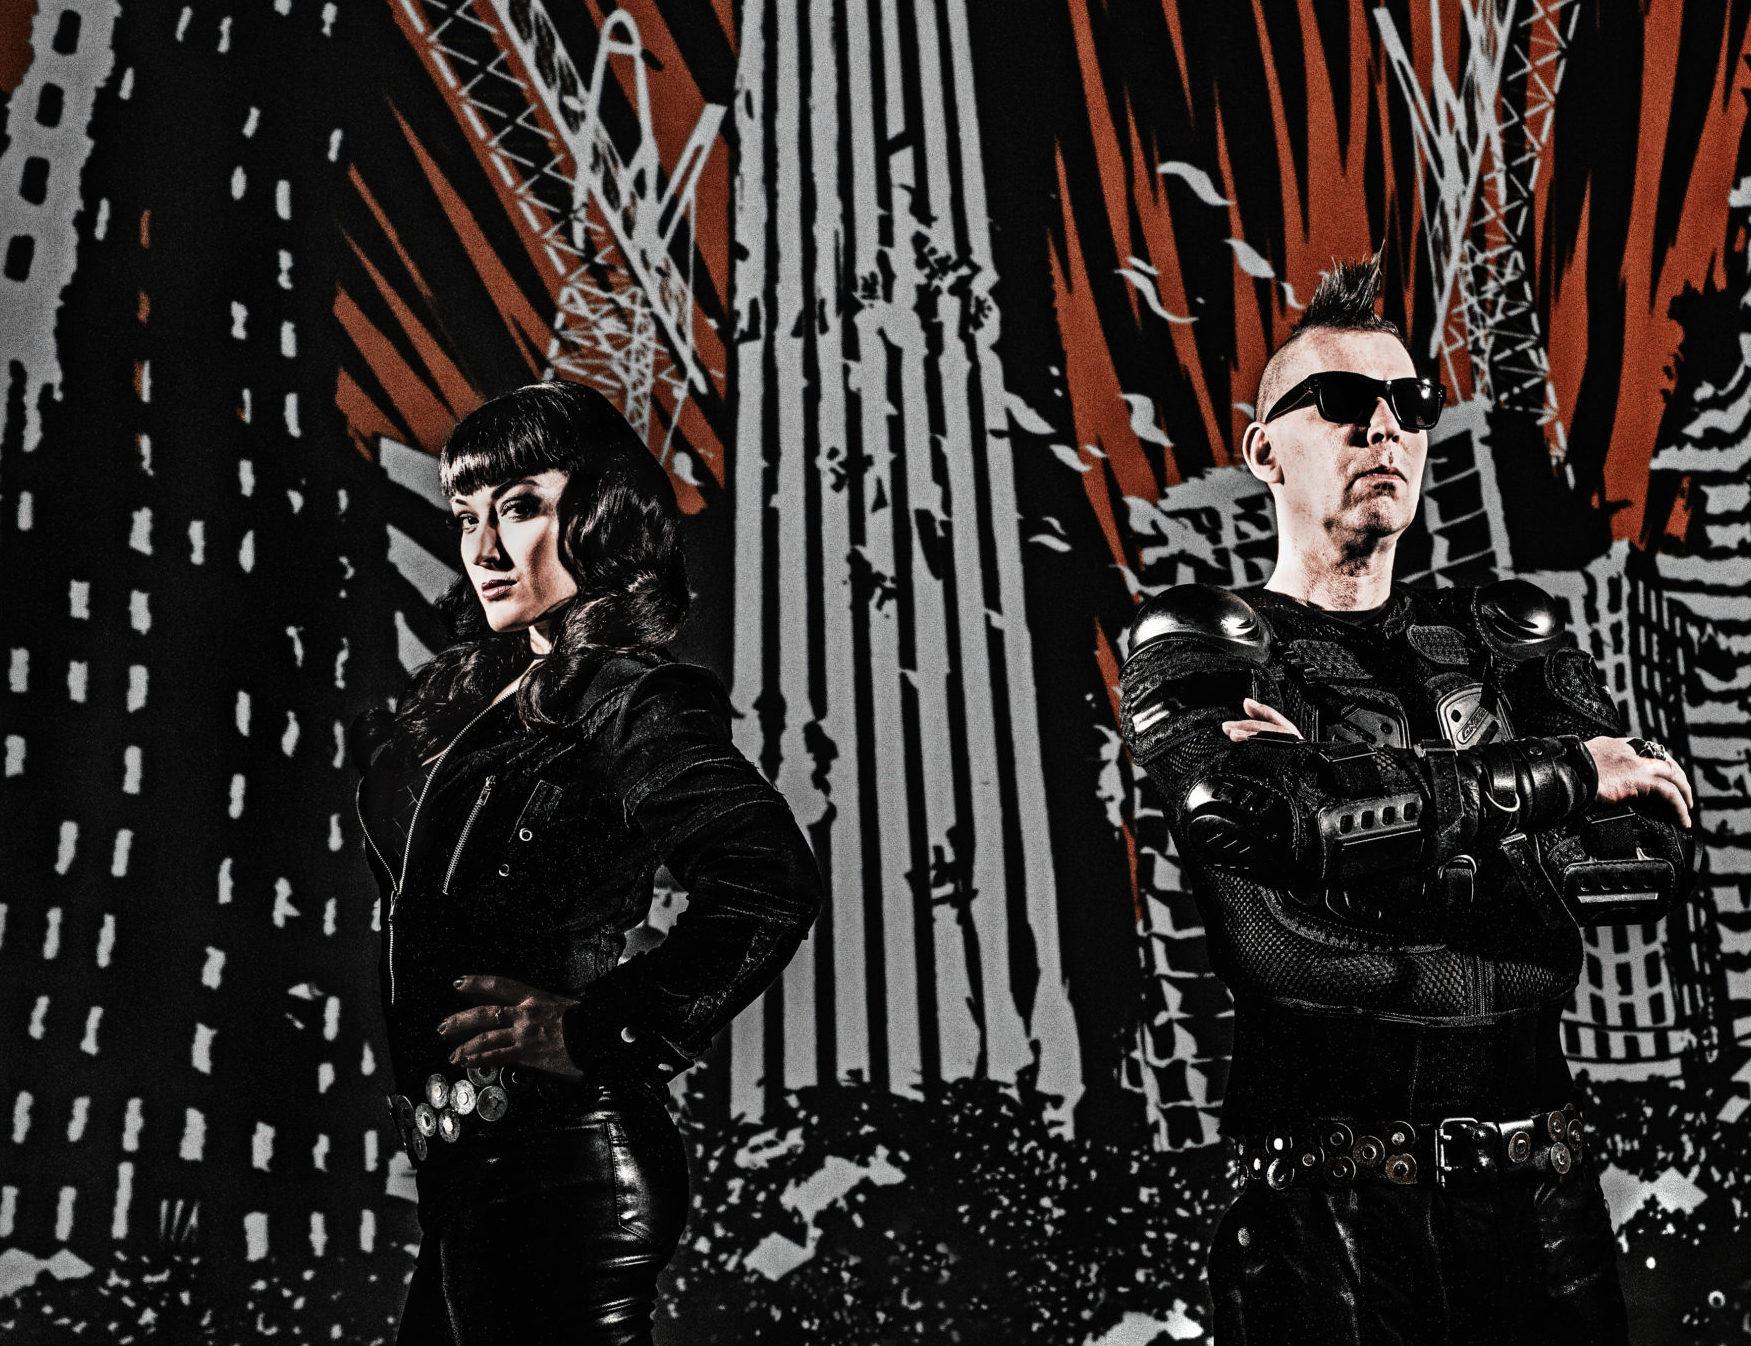 Industrial pioneers, KMFDM